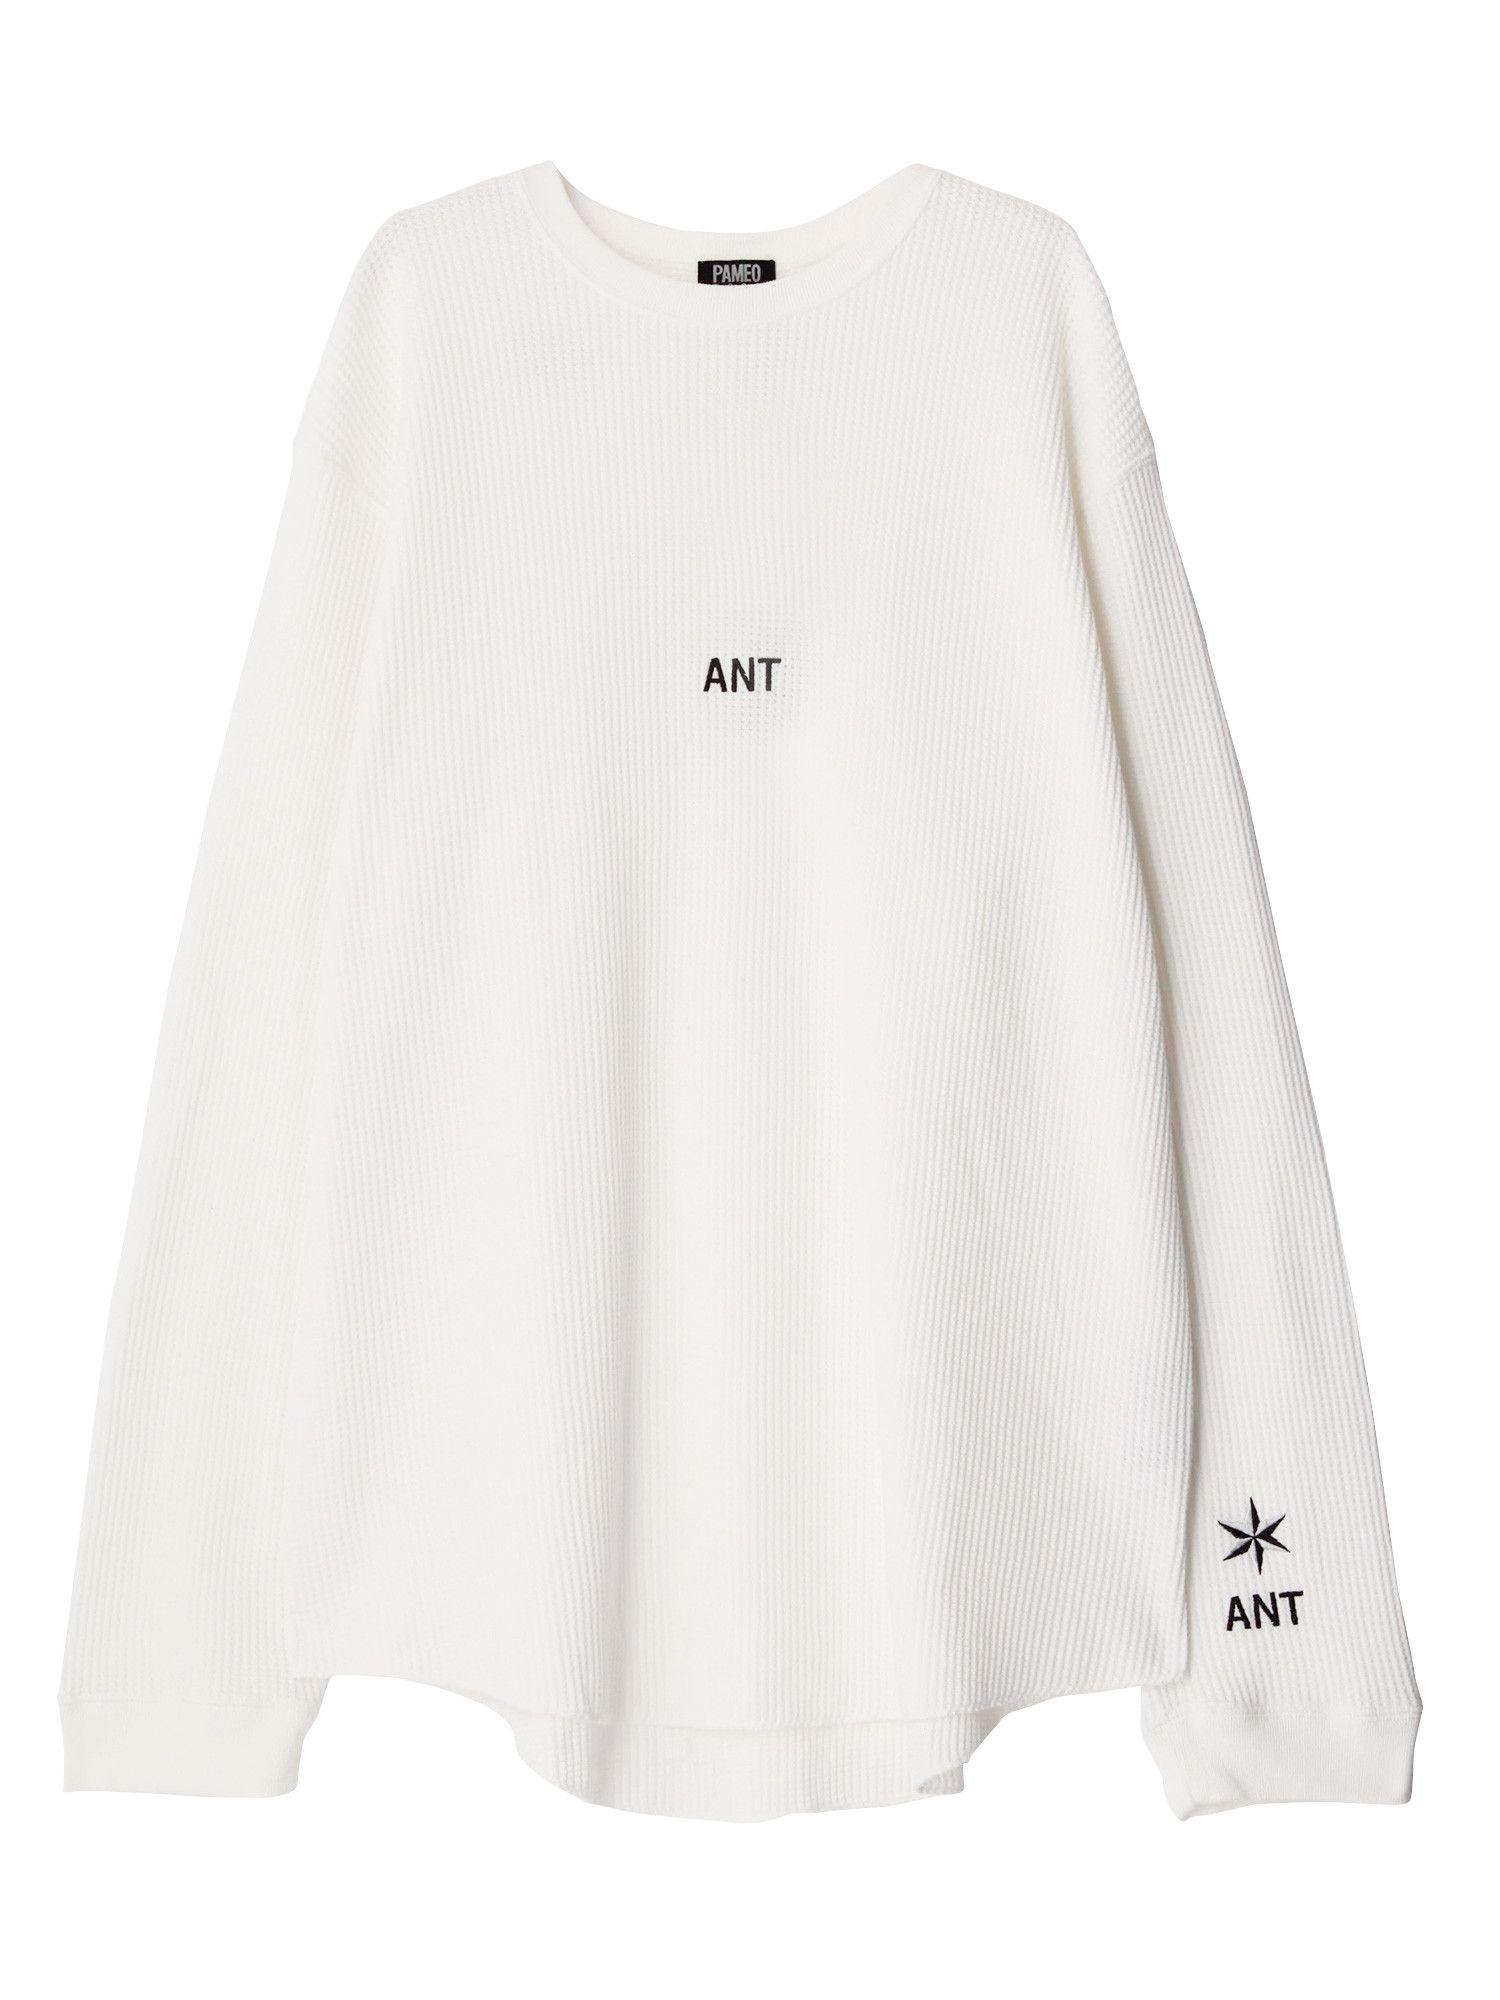 ANT长袖热顶